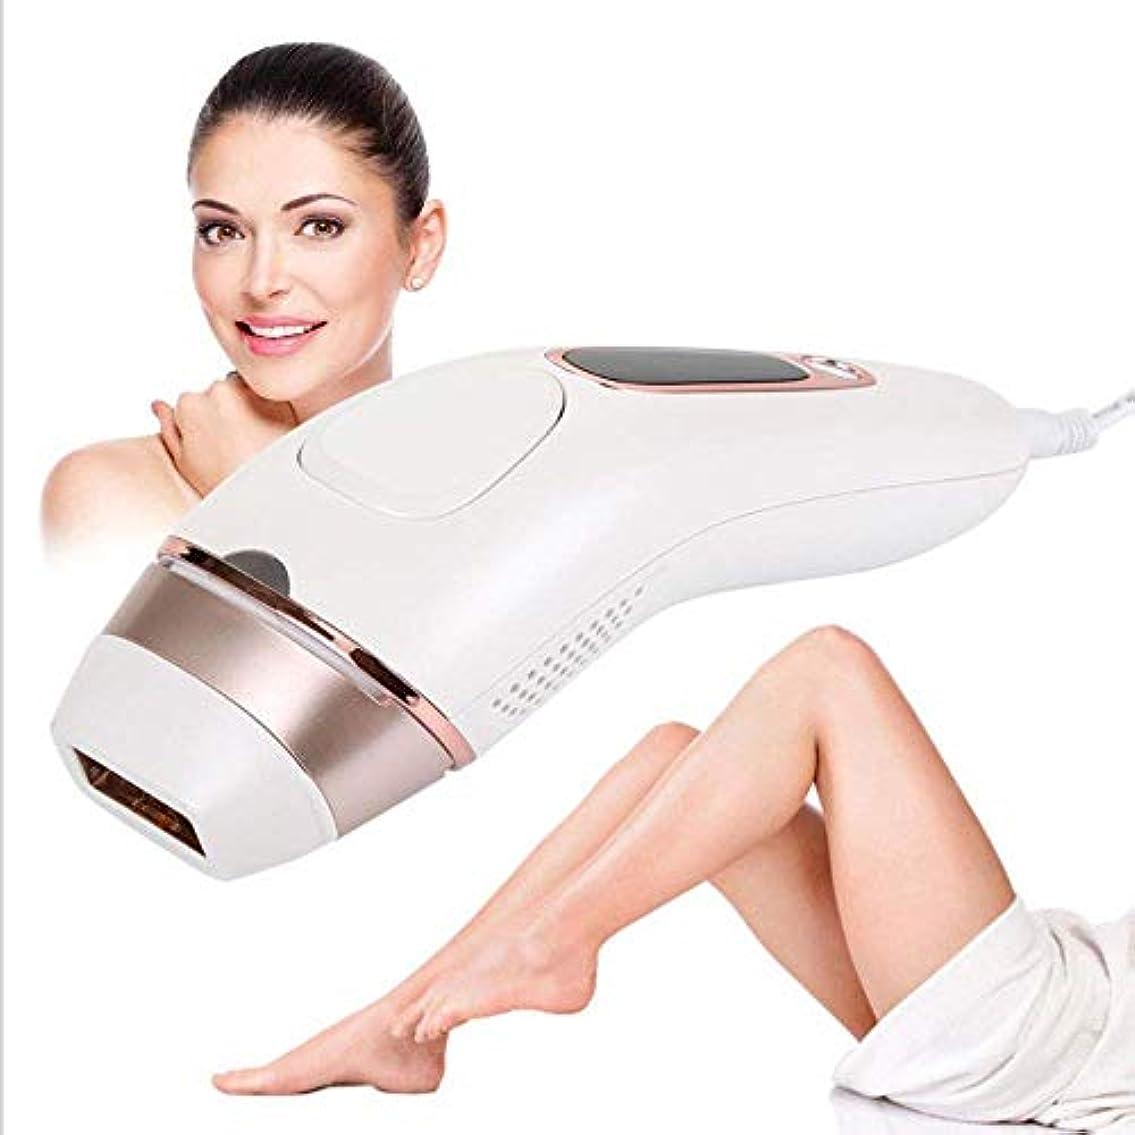 船尾ゴネリルスイHSBAIS 2019新しい家庭脱毛装置、安全及び無痛ミニポータブルLCD光子脱毛脱毛器,White Gold